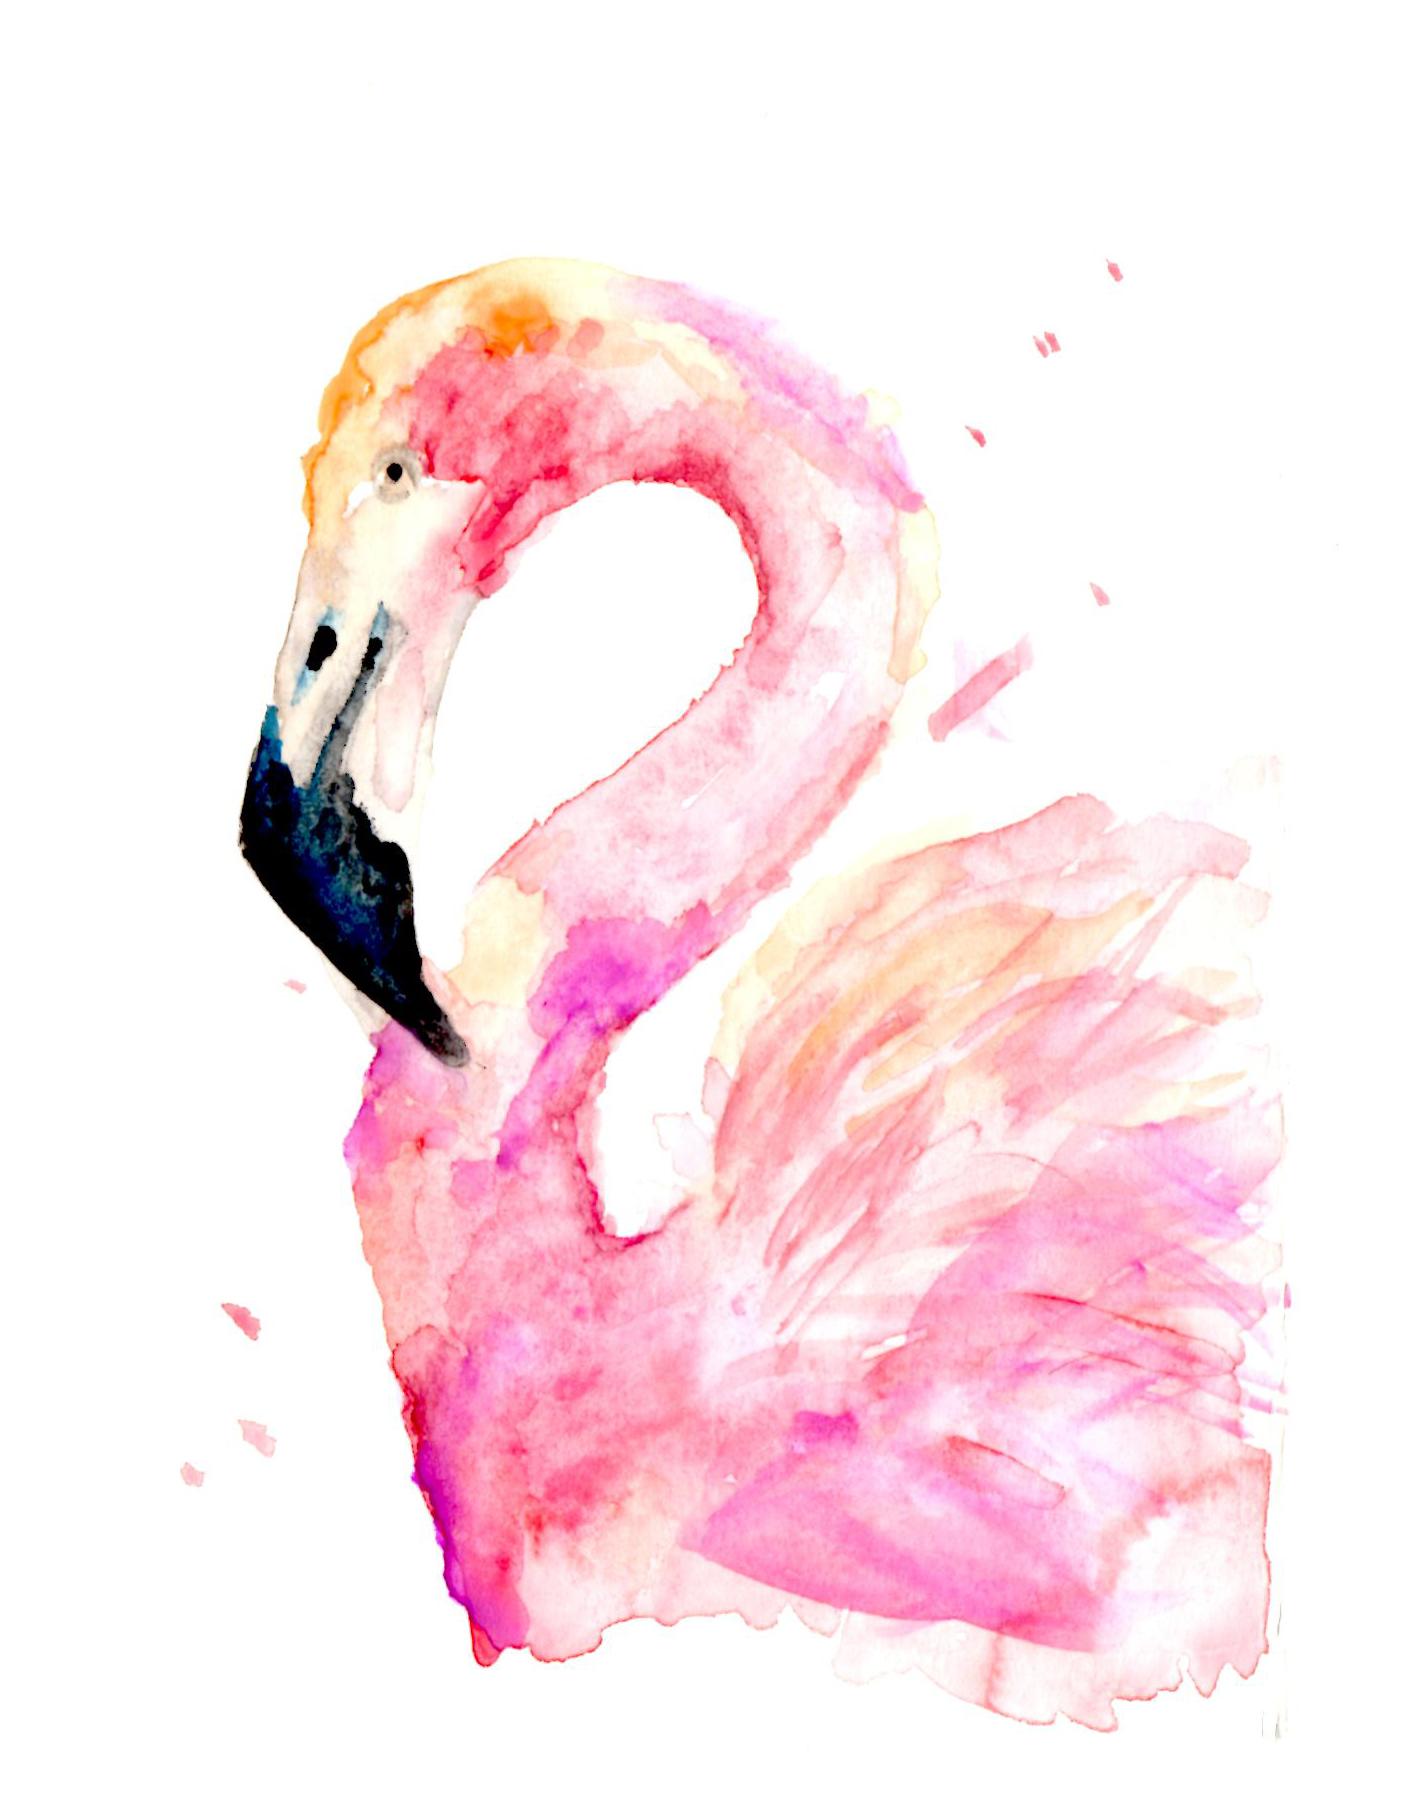 Flamingoish